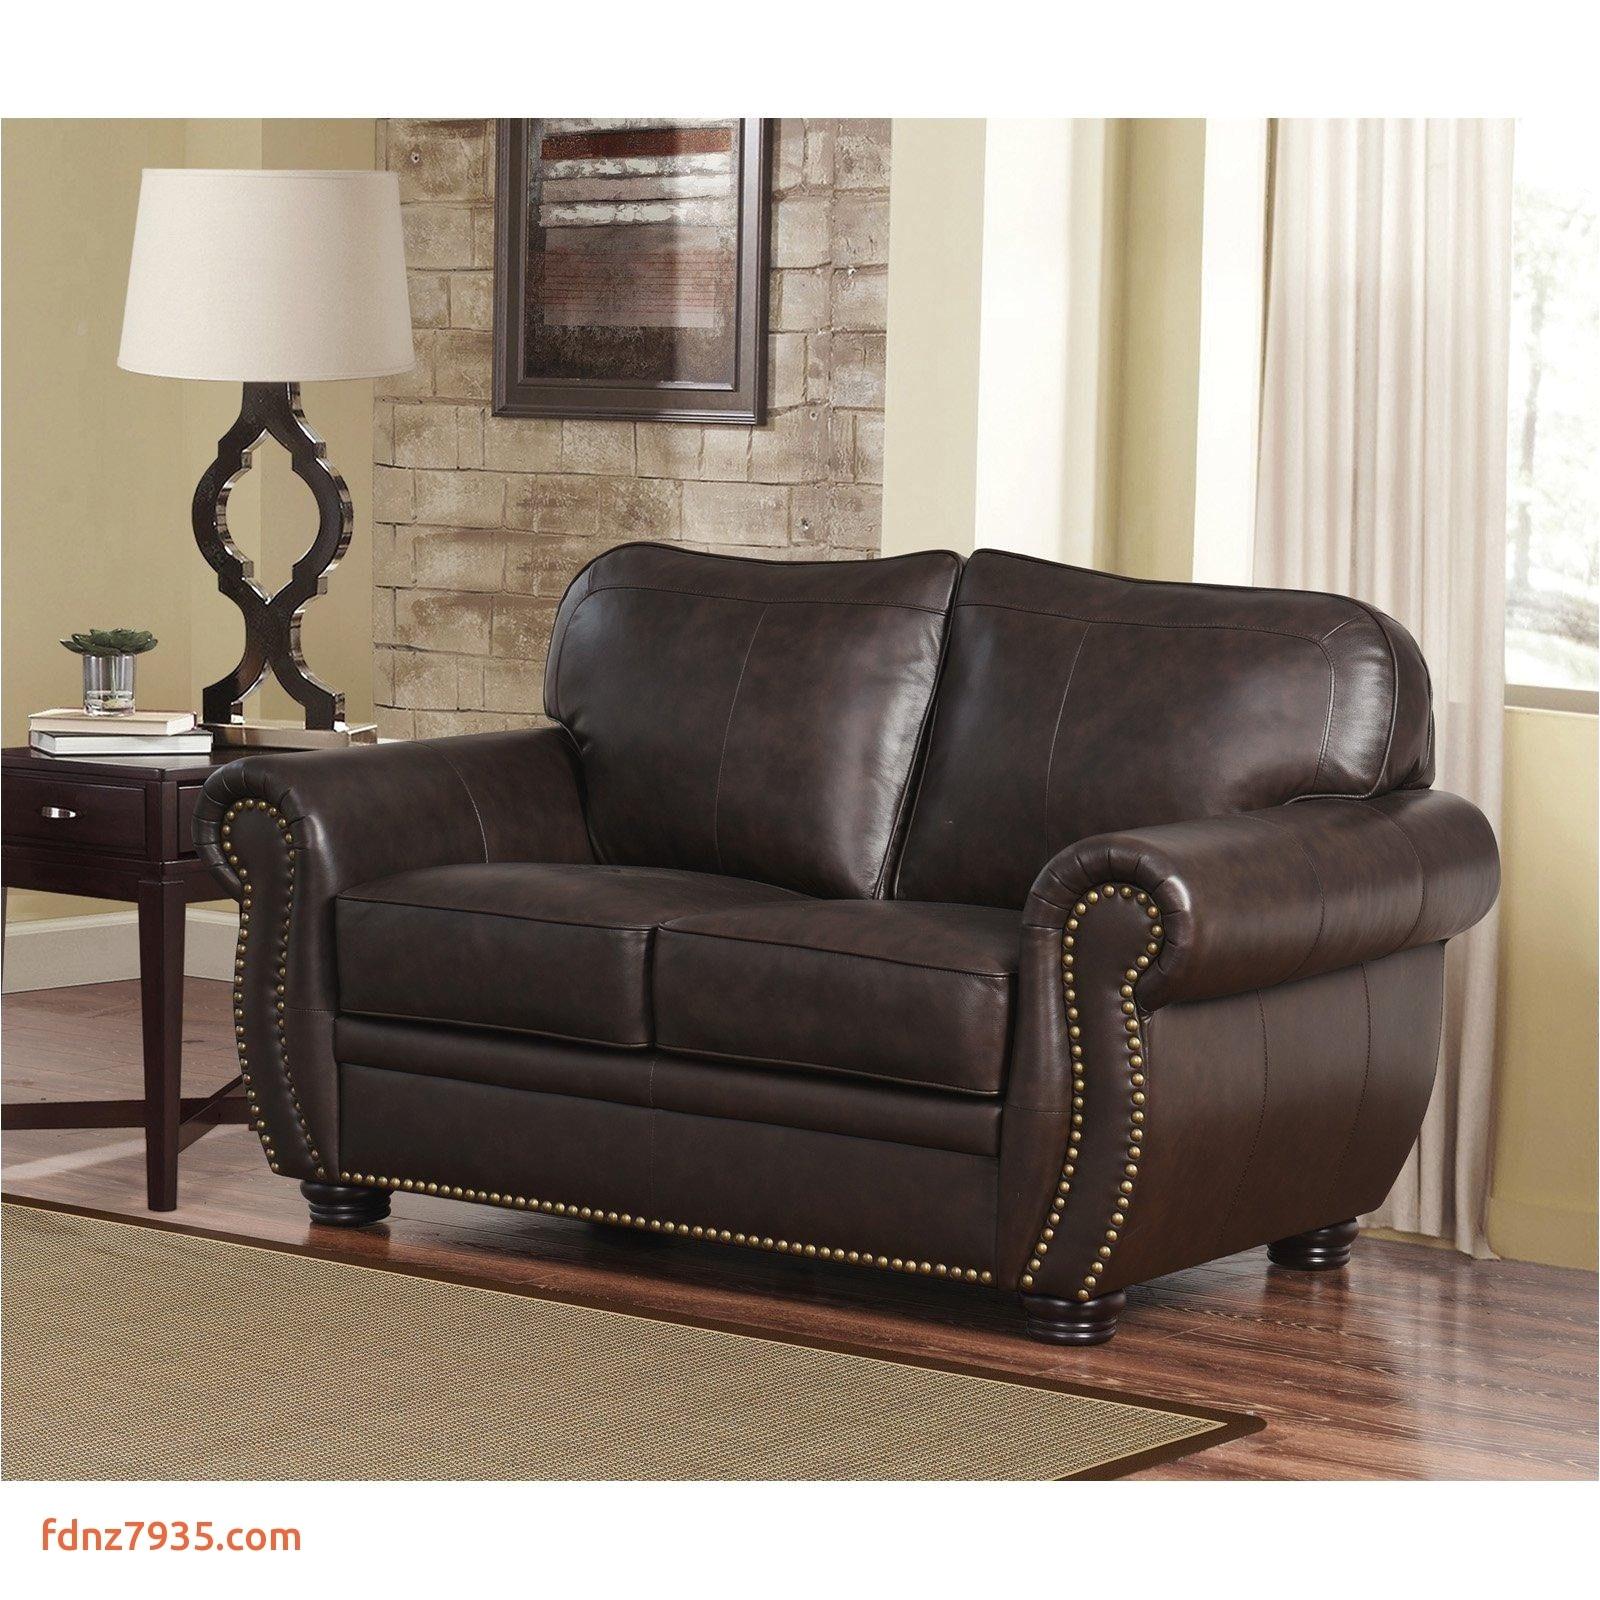 loungemobel set patio recliner lounge chair fresh luxurios wicker outdoor sofa 0d of loungemobel set top